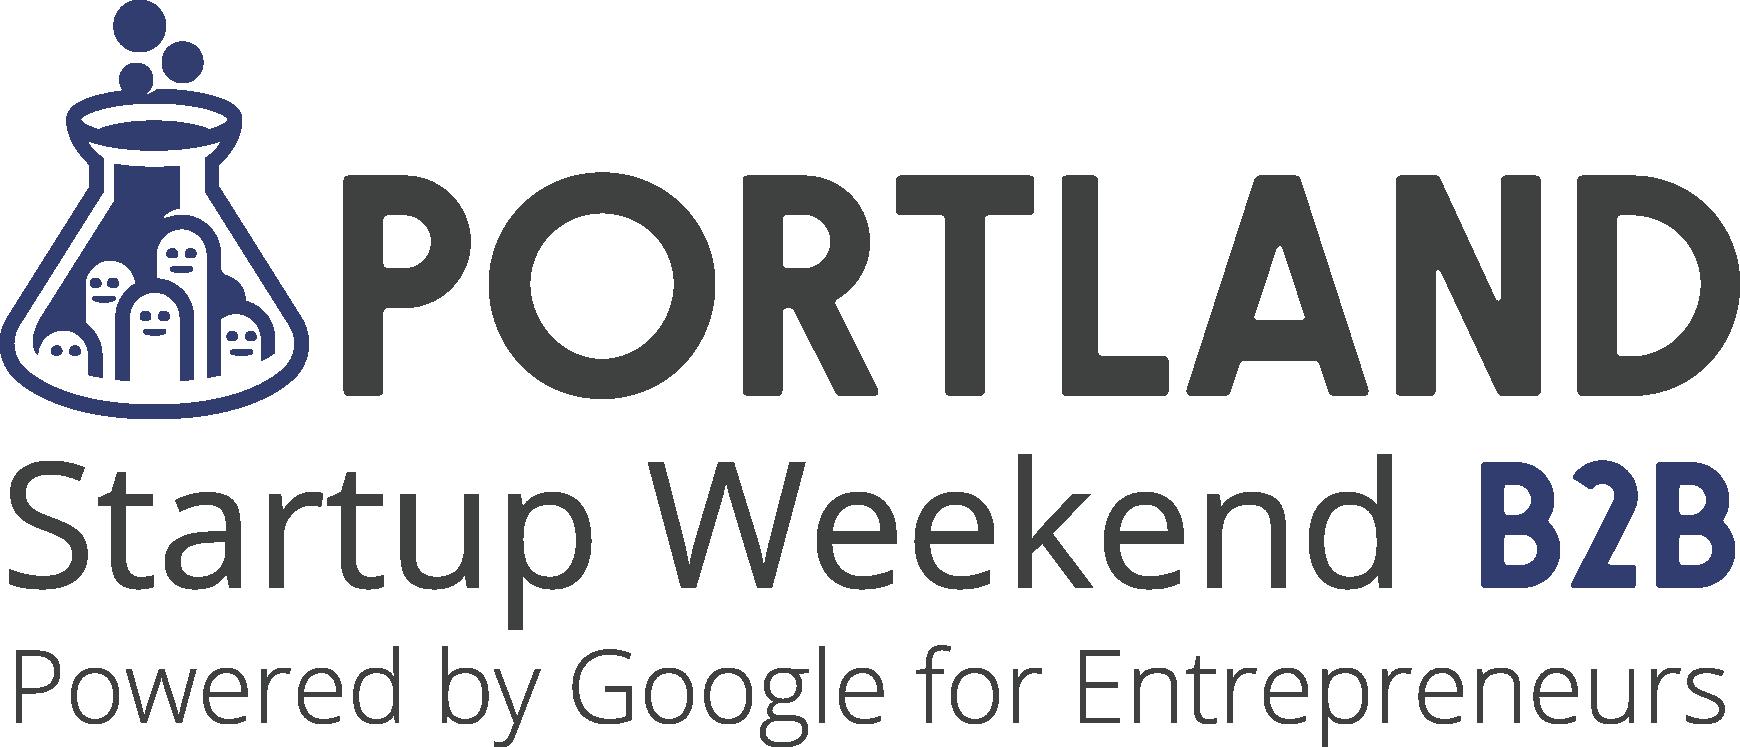 Startup Weekend B2B Spring 2015